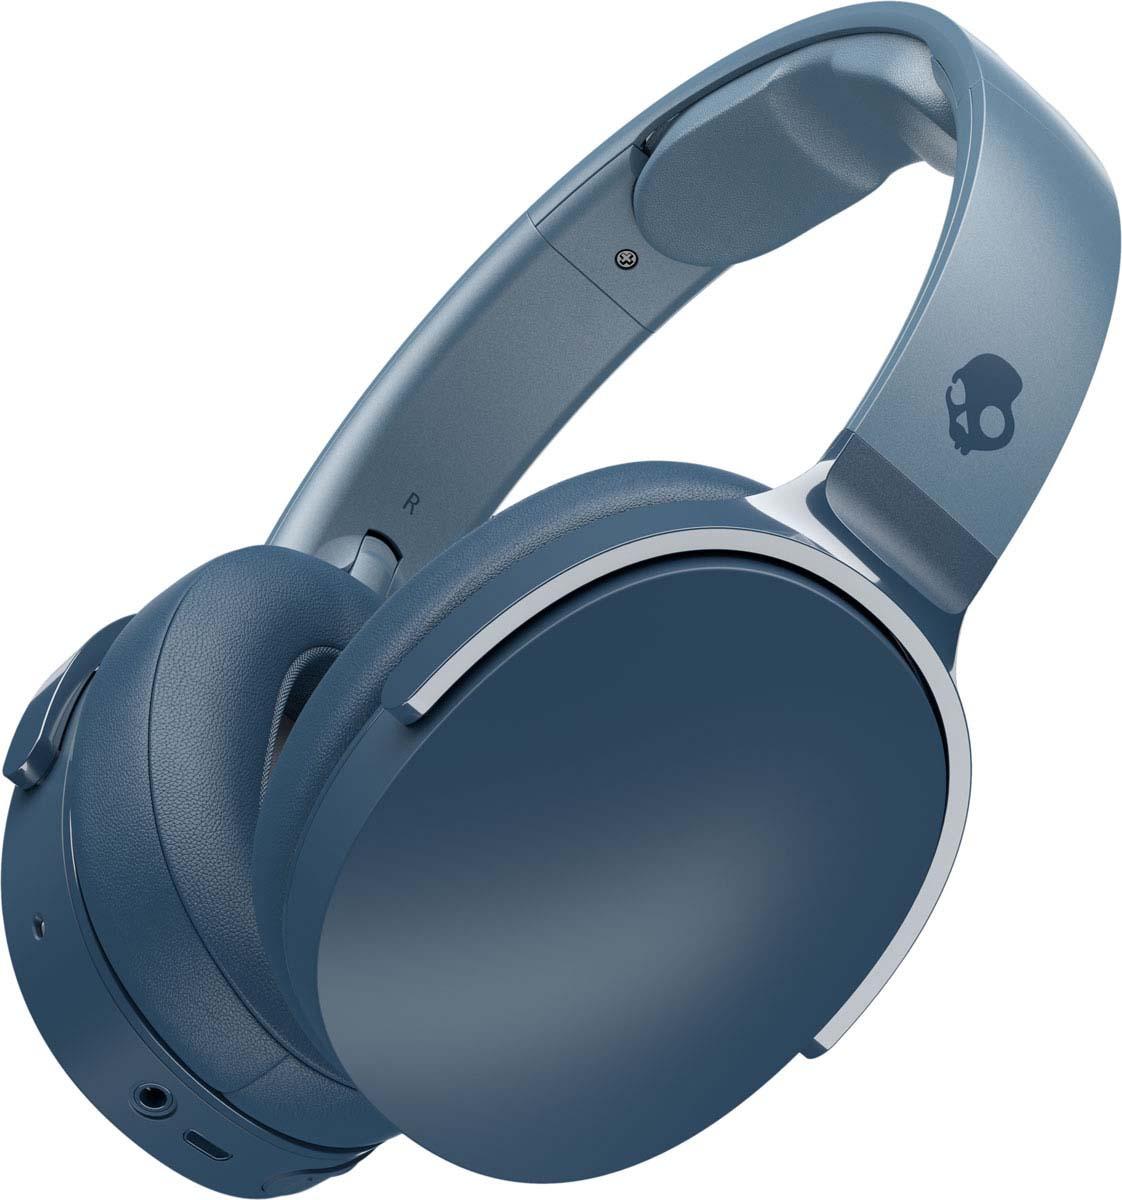 Фото - Беспроводные наушники Skullcandy Hesh 3 Wireless, темно-синий наушники skullcandy stim s2lhy k569 синий